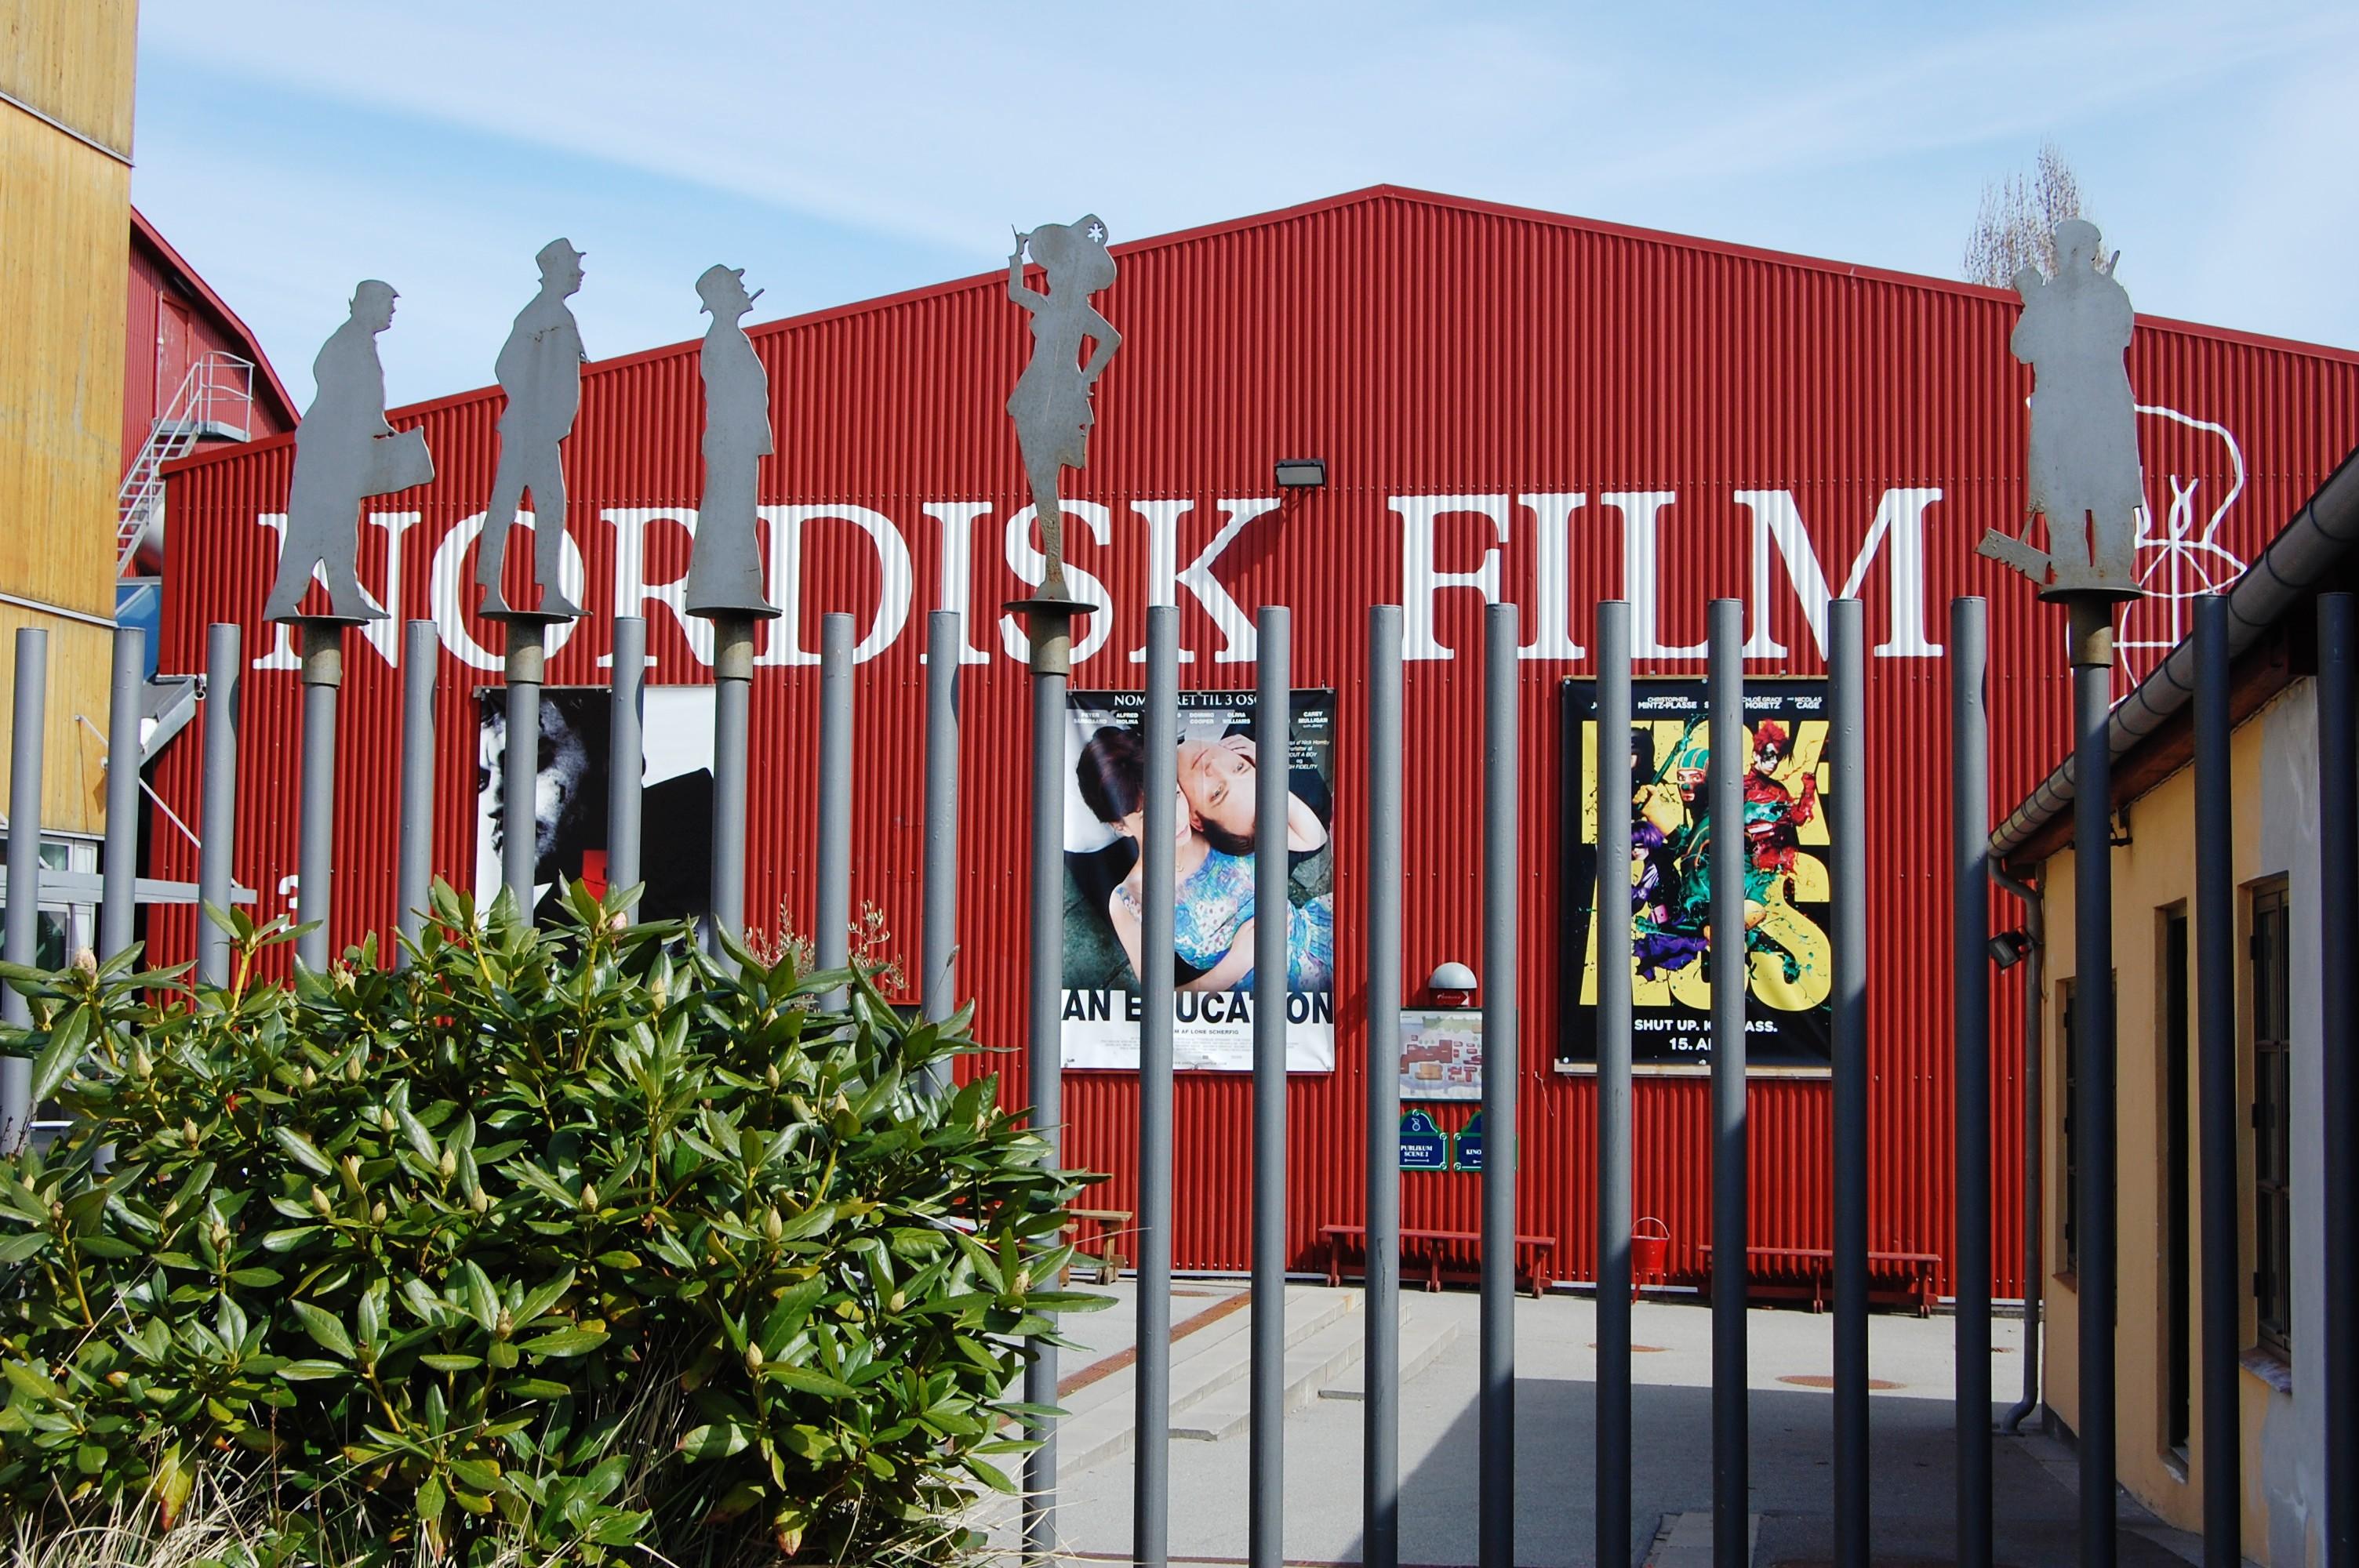 nordisk po nakenhet irsk film